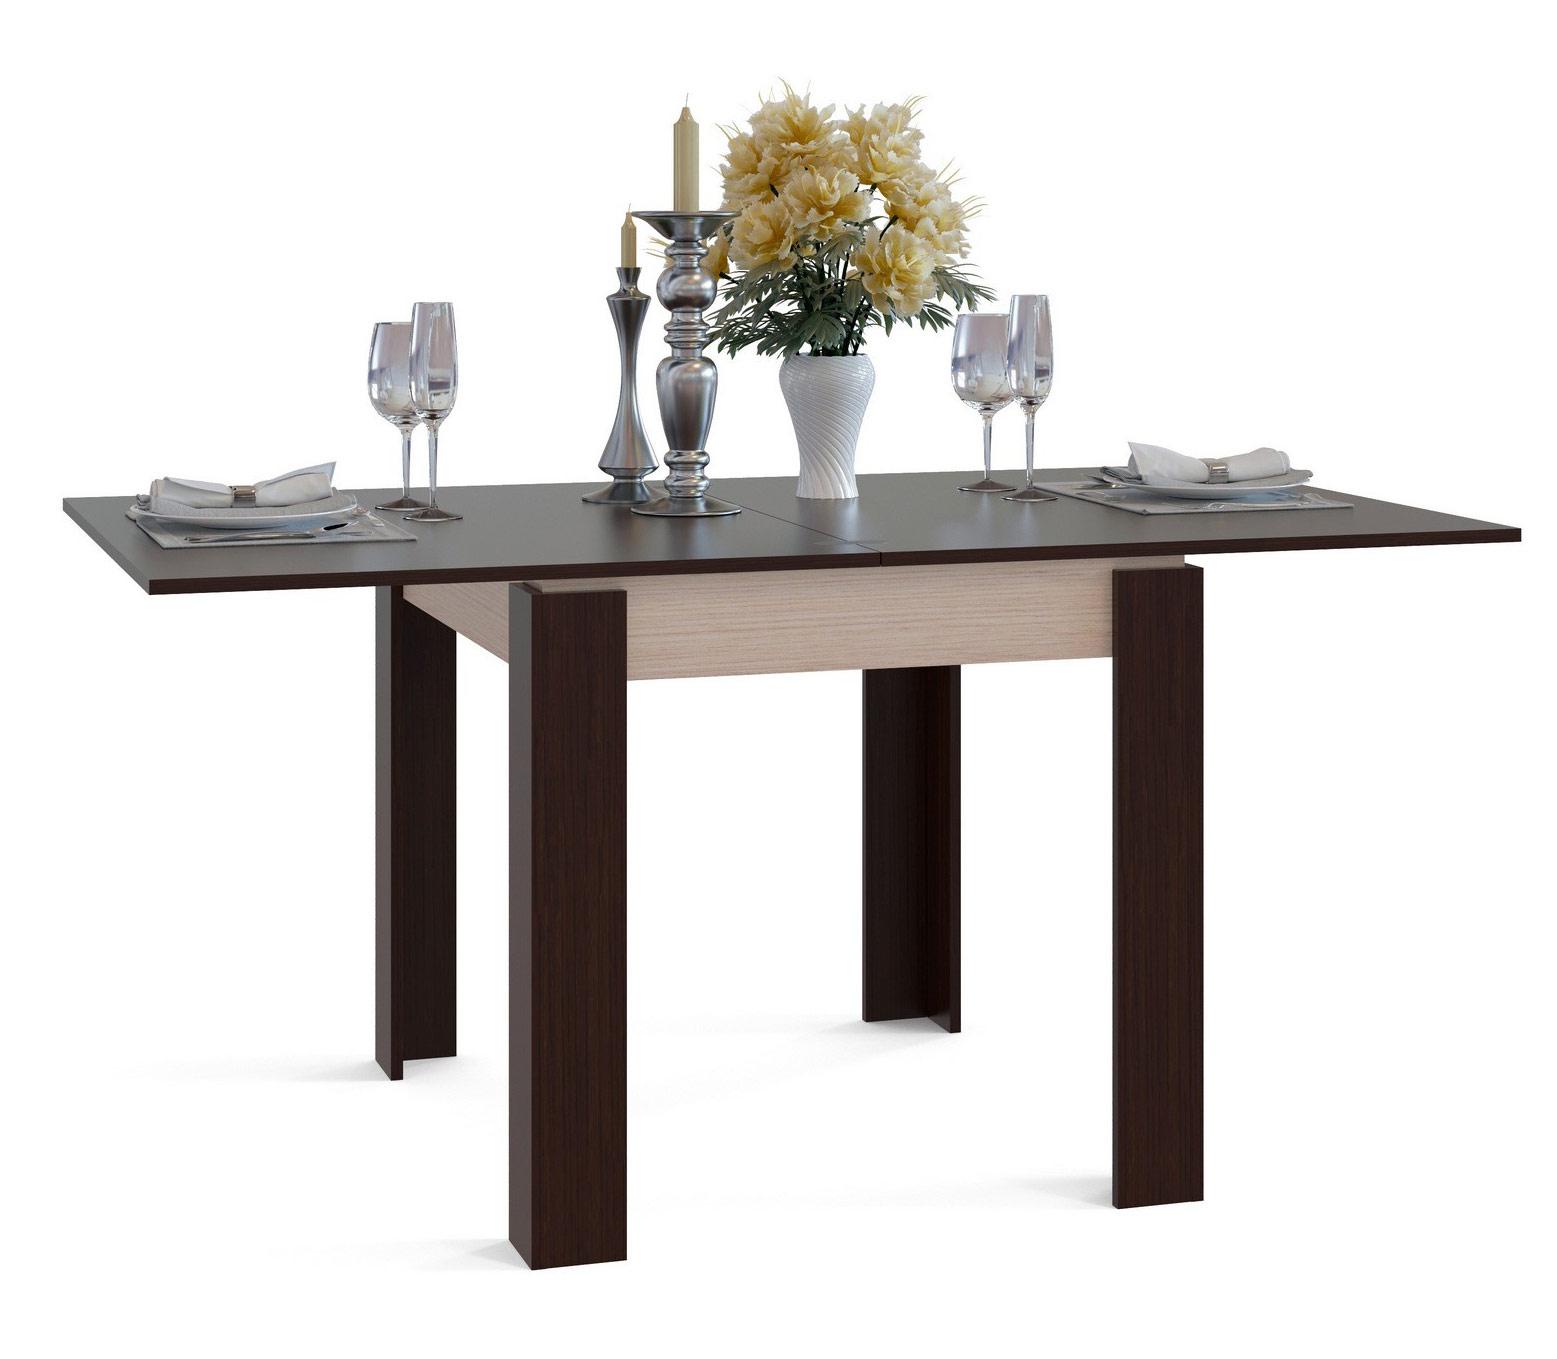 Кухонный стол Сокол СО-2 белёный дуб/венге, 160х90х76 см фото